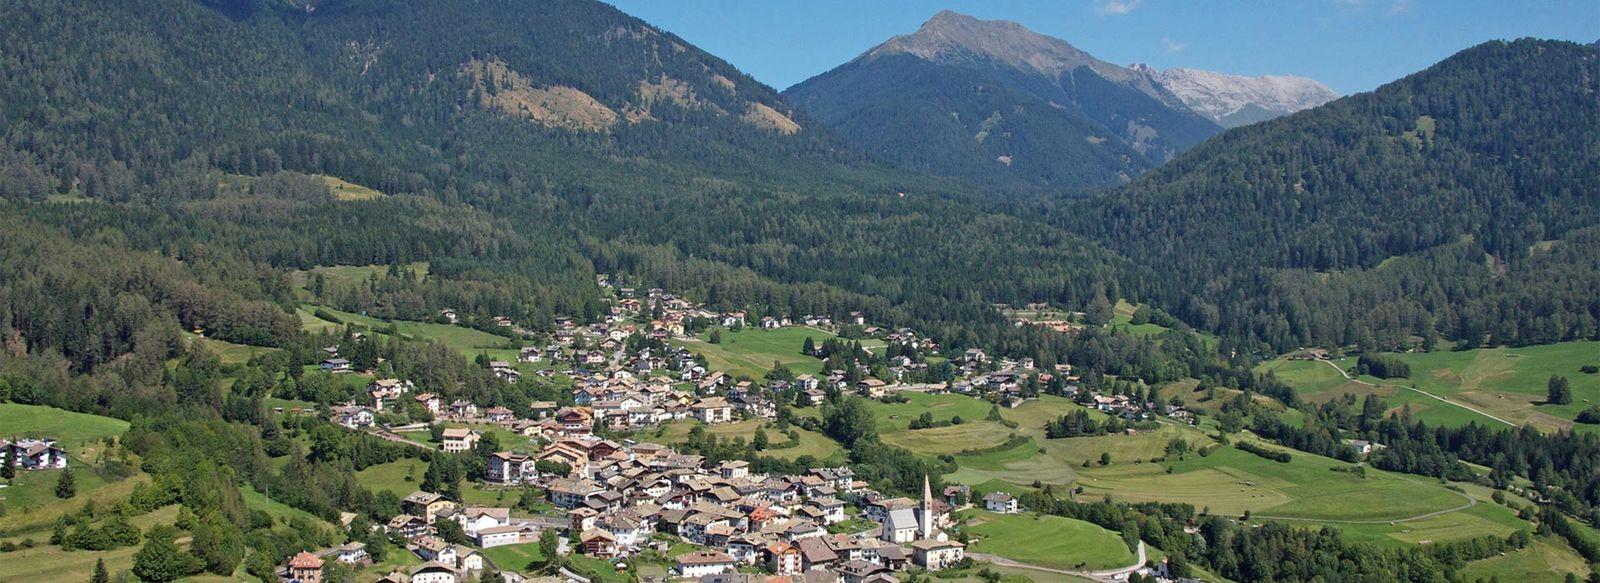 © www.visitfiemme.it - Val di Fiemme